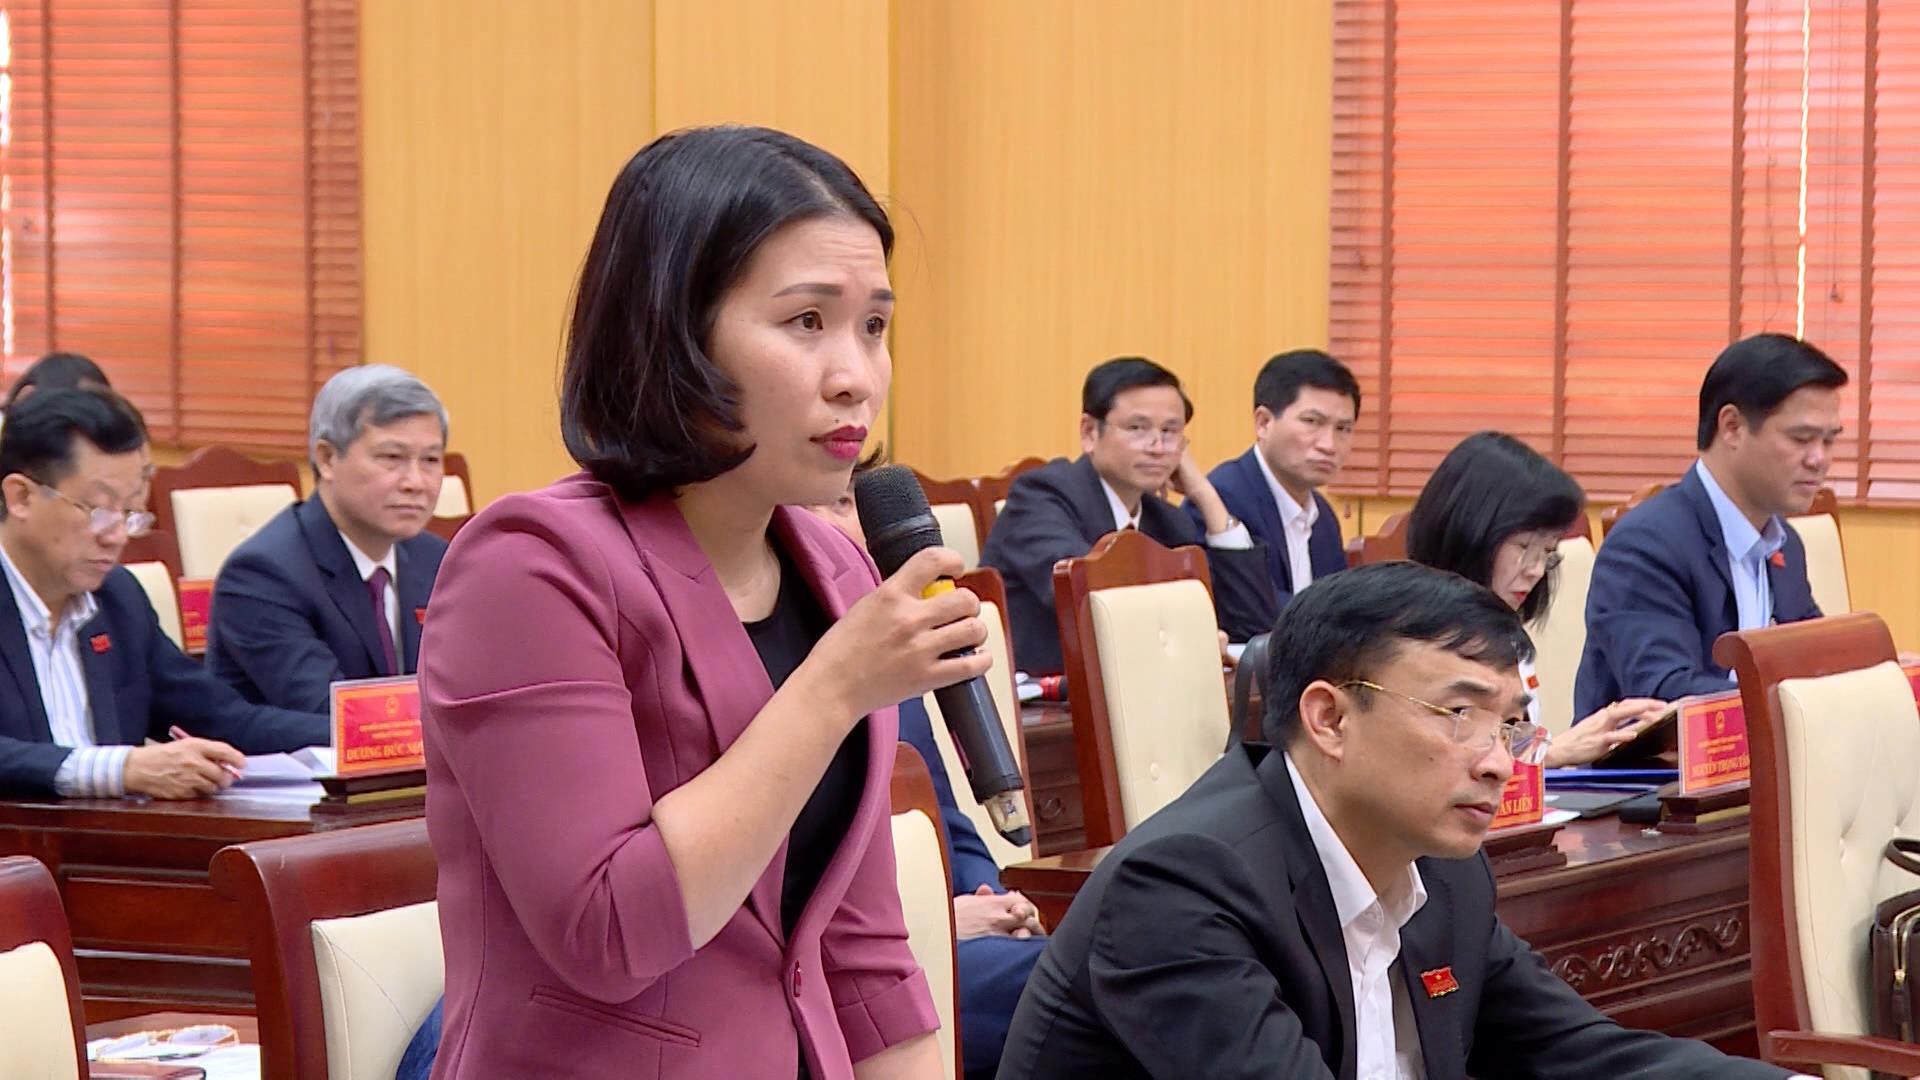 Nhiều đổi mới trong kỳ họp thường lệ cuối năm của HĐND tỉnh